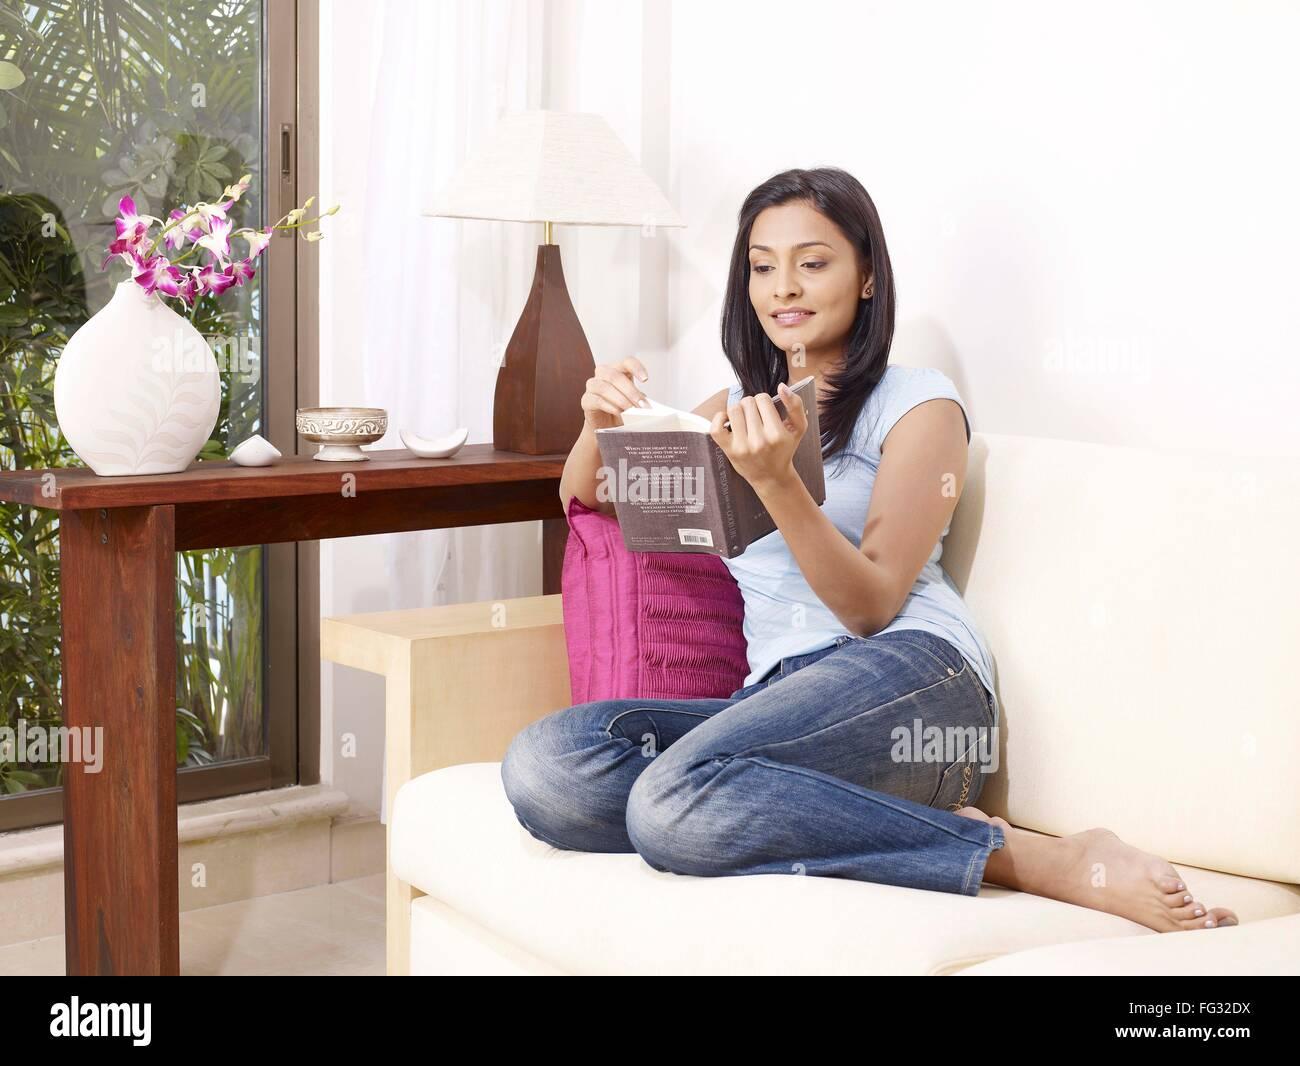 Señorita Leyendo Novela Sentado En Un Sofá Mr702u Foto Imagen De